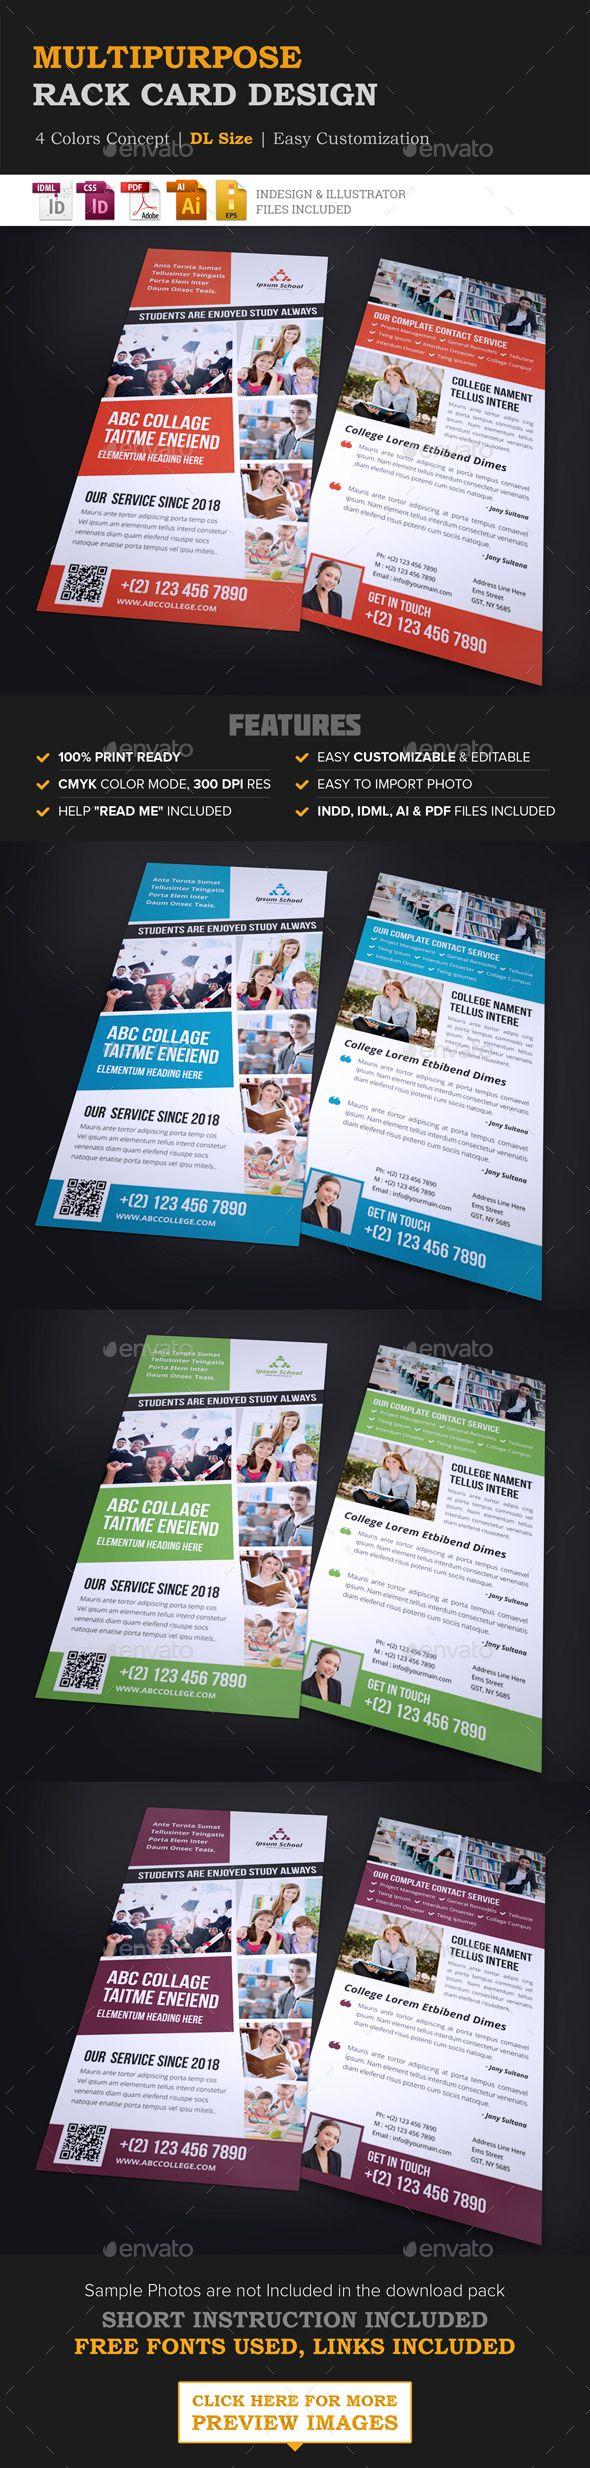 78 best Design // Rack Cards images on Pinterest | Brochure design ...